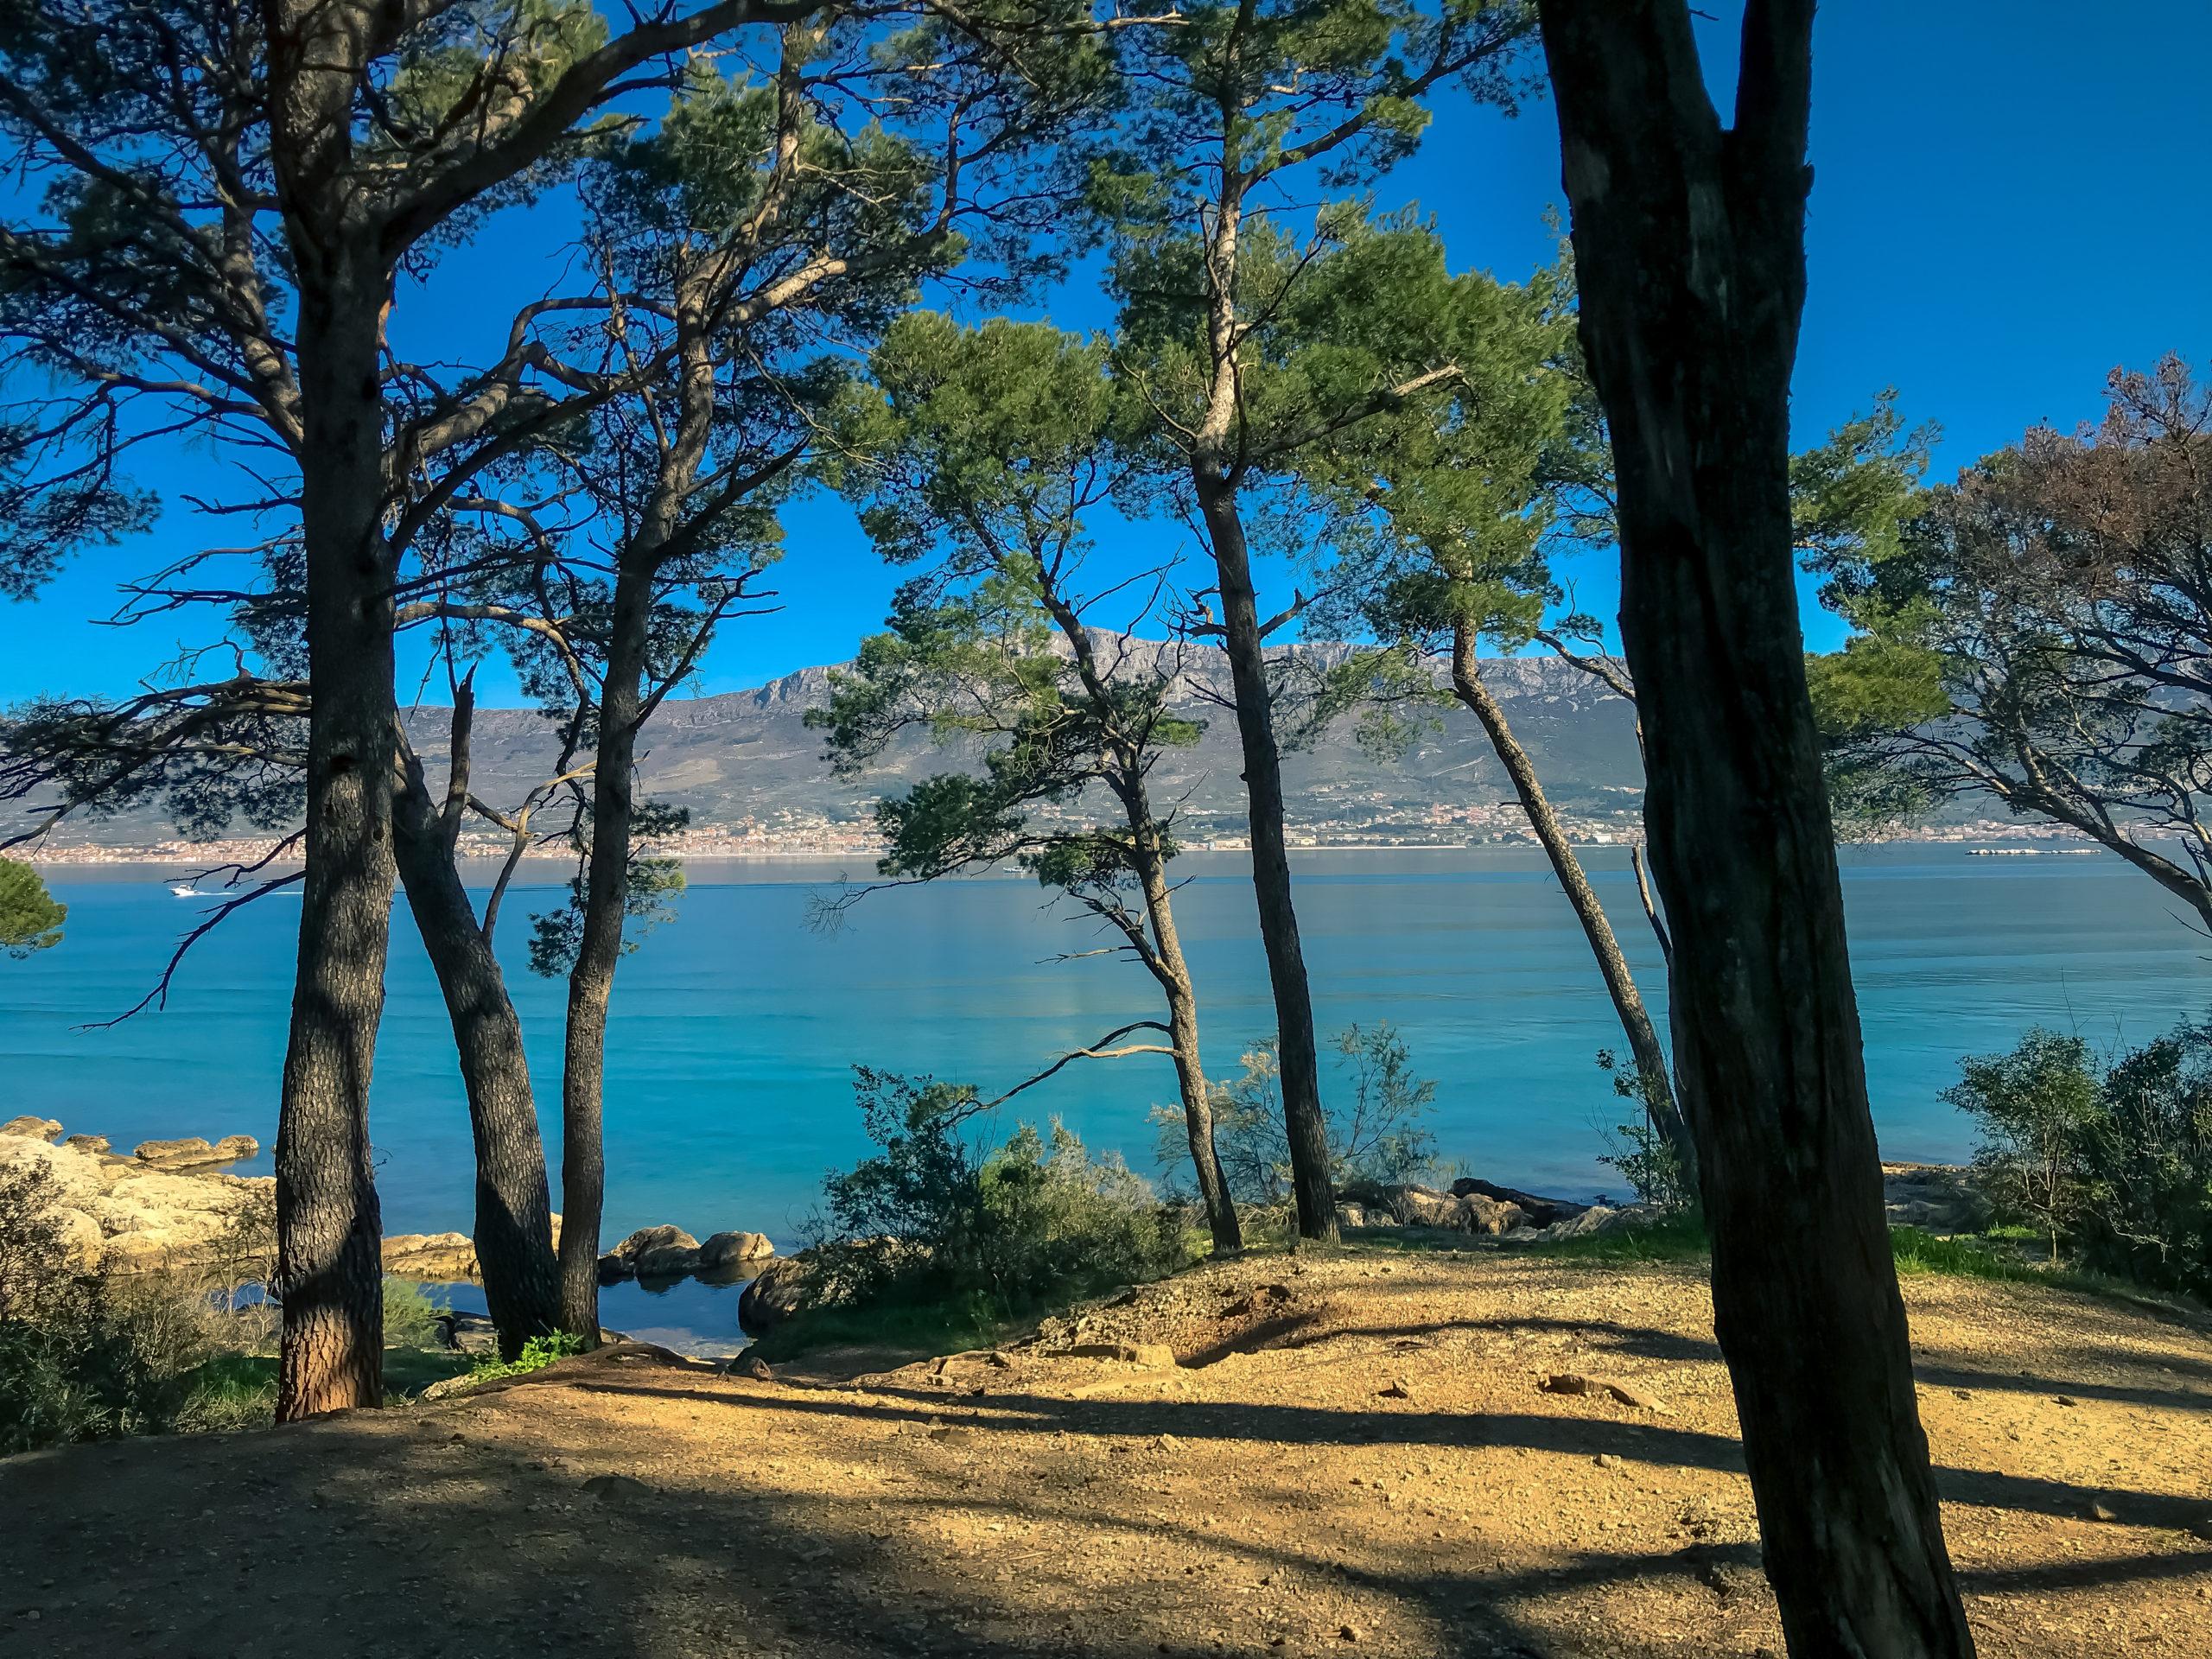 Quizzes about Croatia